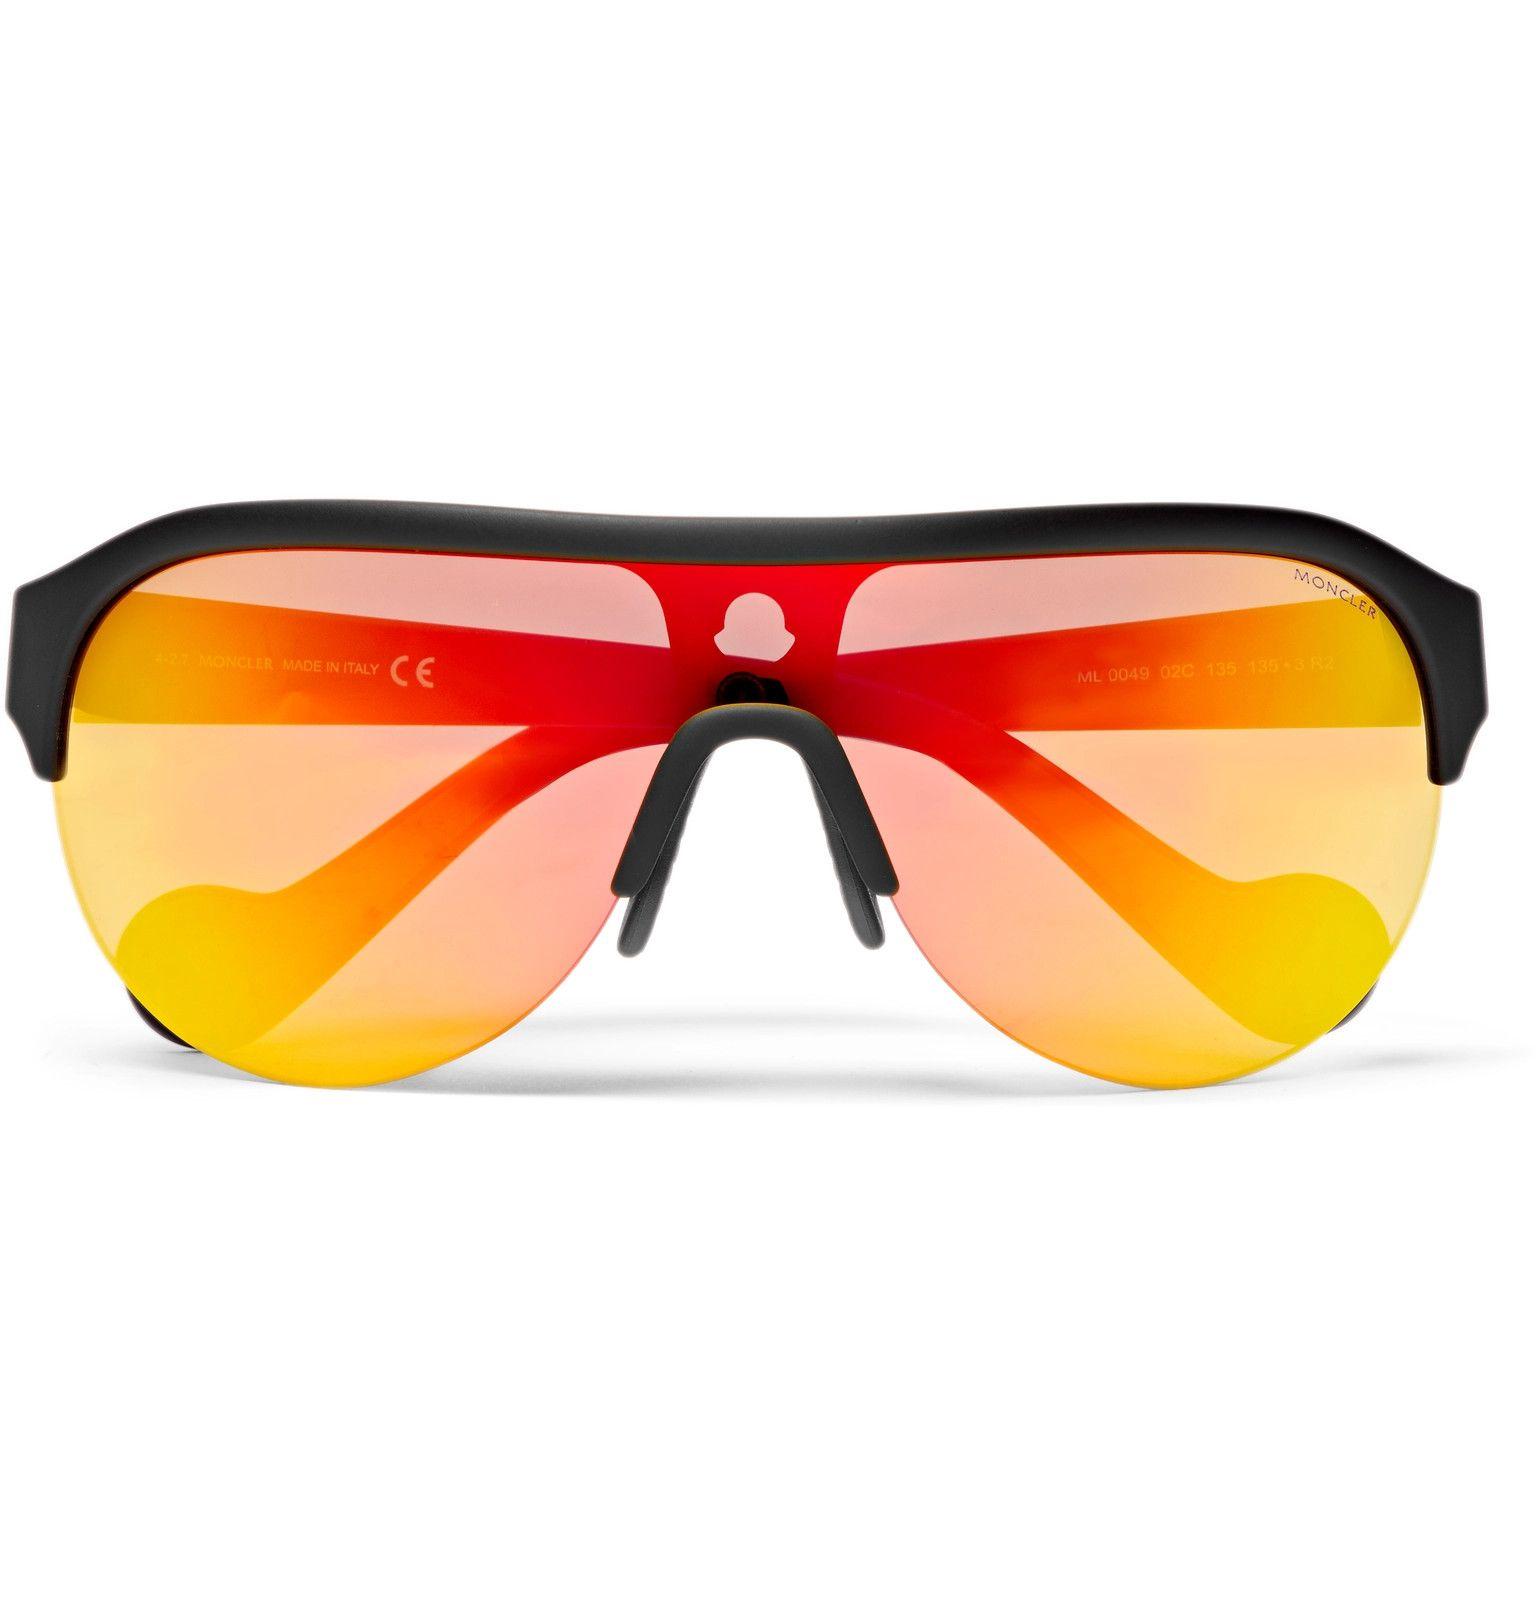 Vip Matte Winter Moncler amp; Sunglasses Ski Honeymoon Acetate 4RzxxqAw